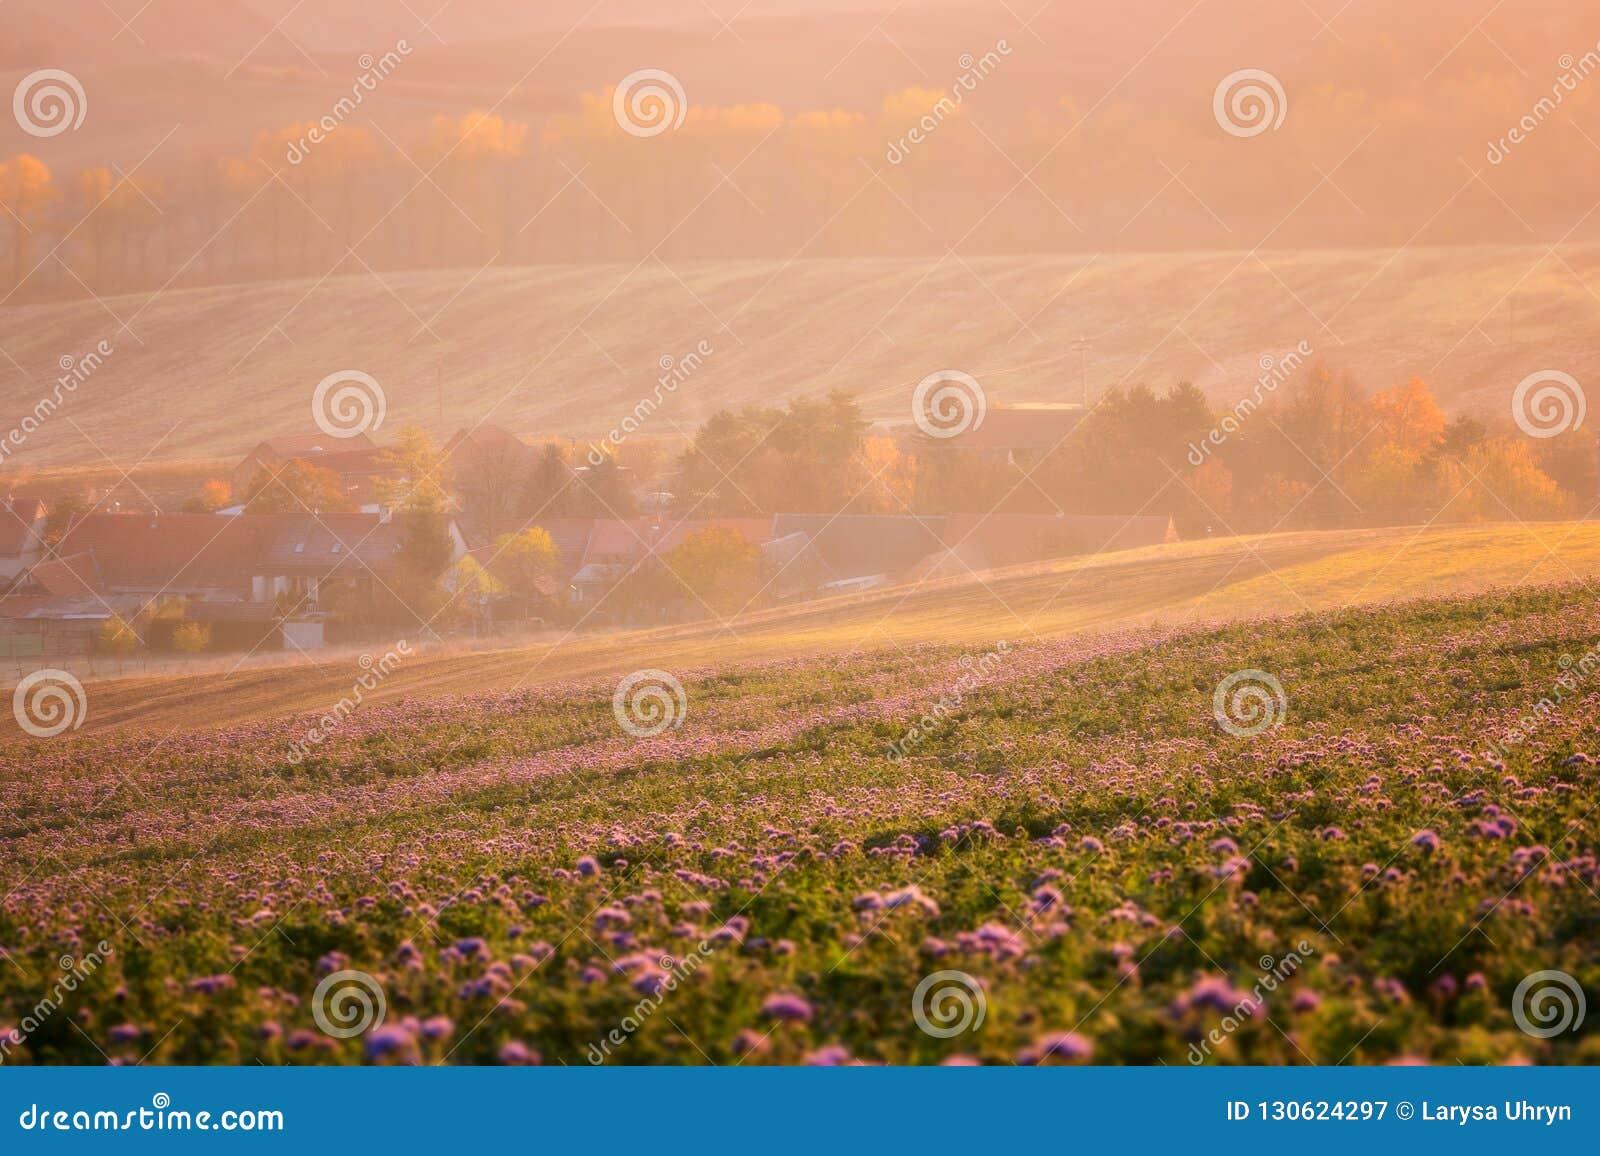 Gemütliche Regelung umgeben durch sonnige landwirtschaftliche Felder, purpurrote phacelia Blumen, schöne Landschaftslandschaft im